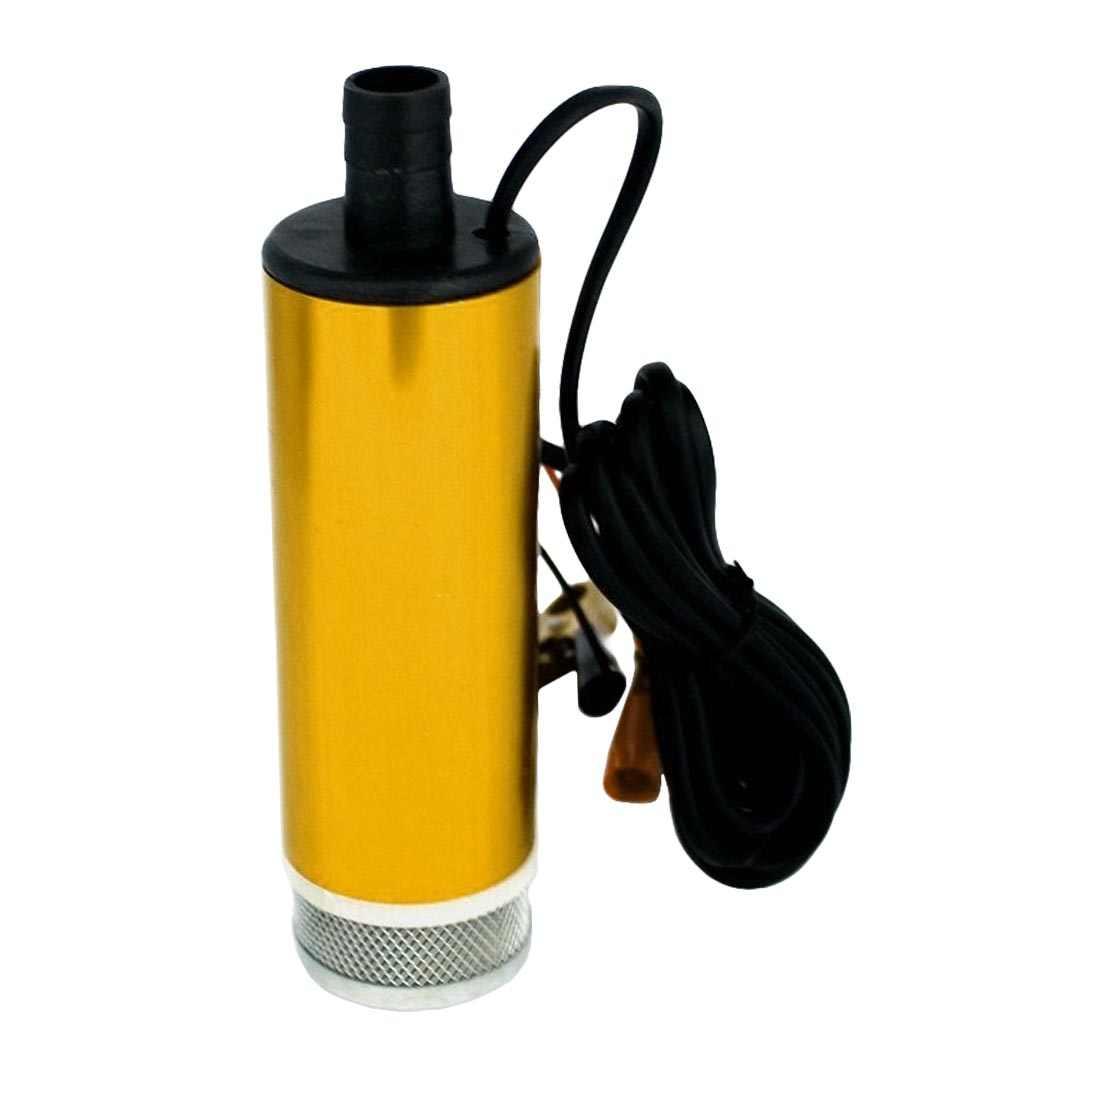 Waterpomp DC 12 V/24 V 30L/min Aluminium Dompelpompen Elektrische Bilge Pomp voor Diesel/ olie/Water/Fuel Transfer met Schakelaar